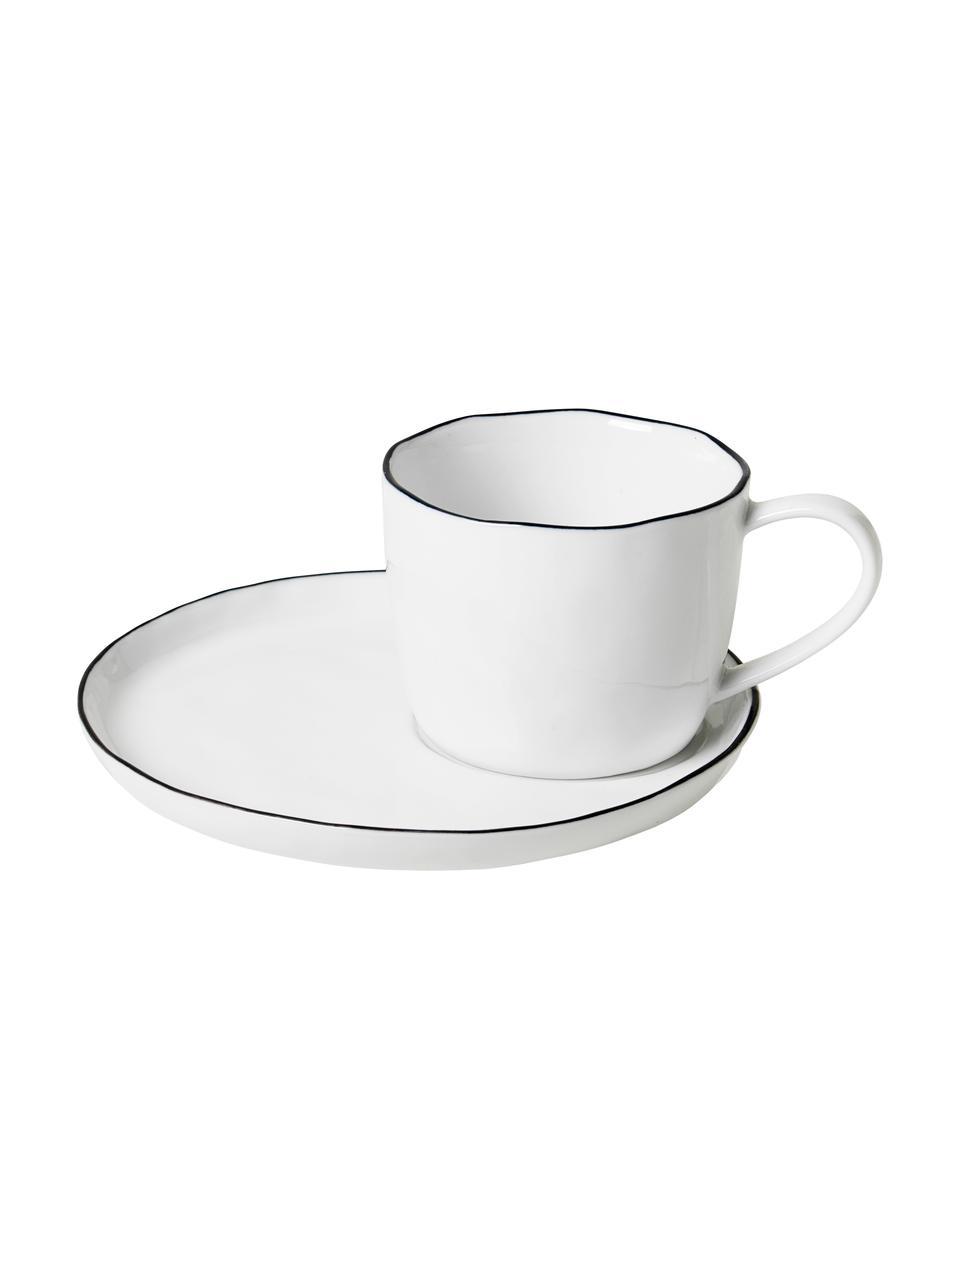 Handgemachte Tasse mit Untertasse Salt mit schwarzem Rand, Porzellan, Gebrochenes Weiß, Schwarz, Ø 8 x H 7 cm